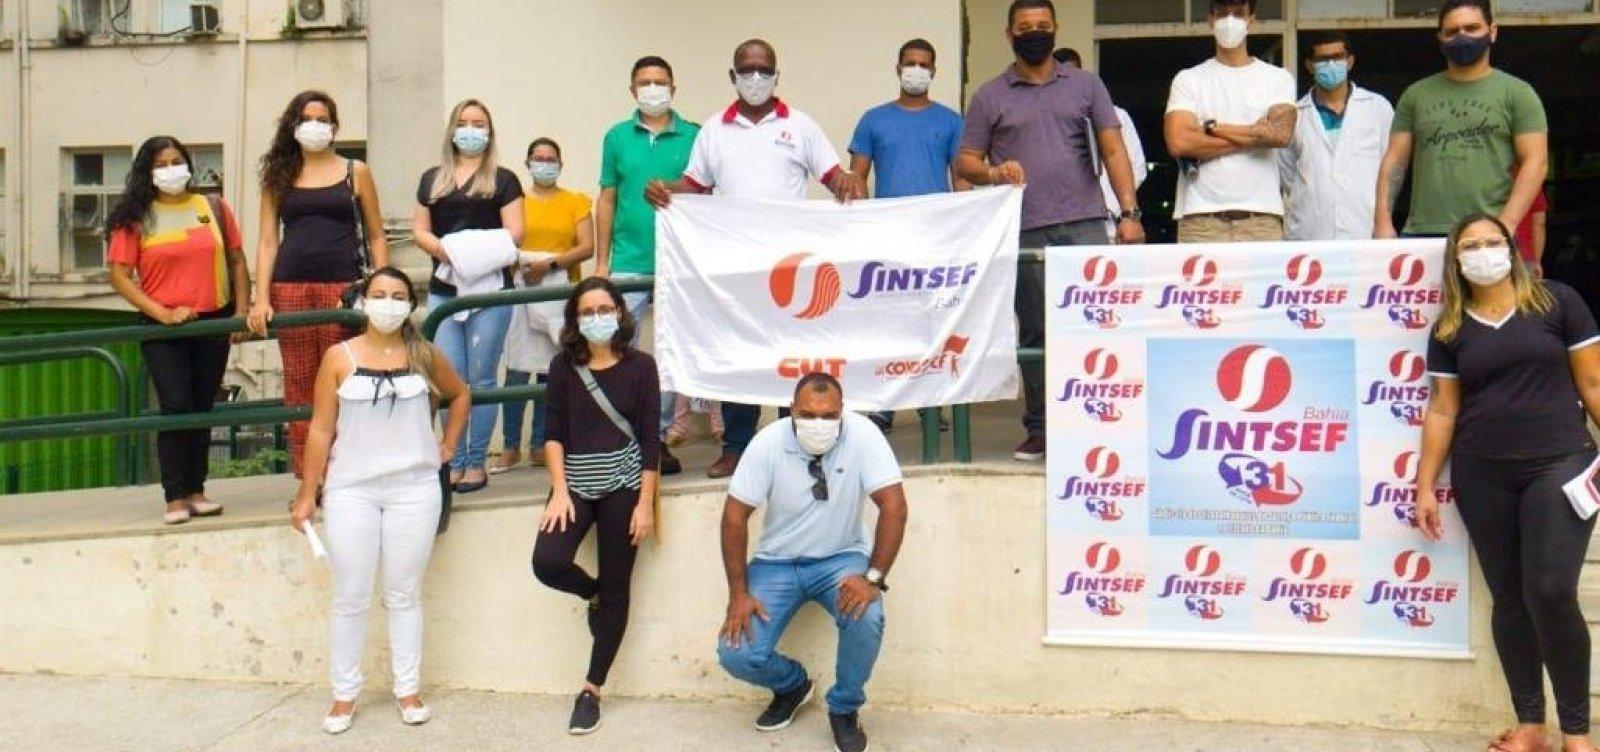 Funcionários do Hospital das Clínicas entram em greve por falta de insumos e equipamentos de proteção